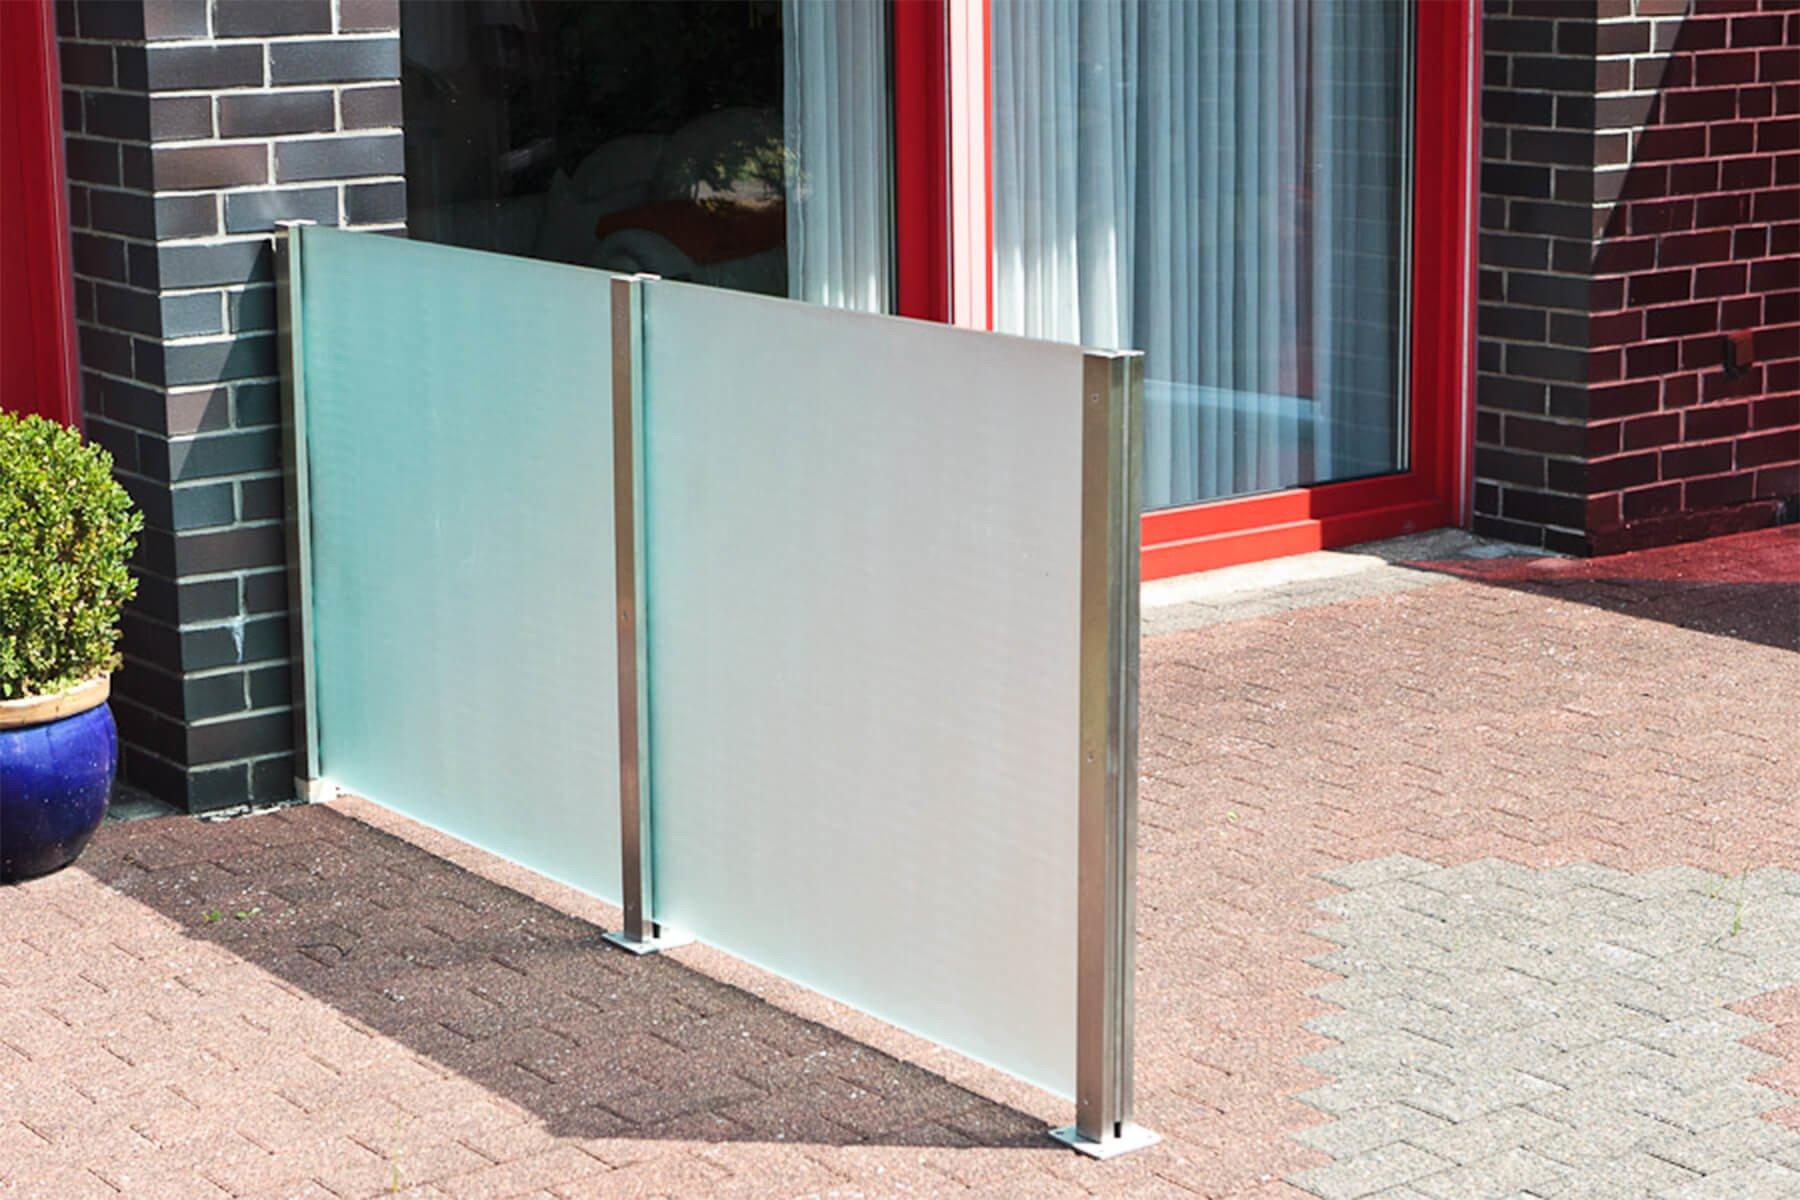 Wind- und Sichtschutz Densa sorg für Privatsphäre auf der Terasse Zuhause oder anderen Aussenbereichen